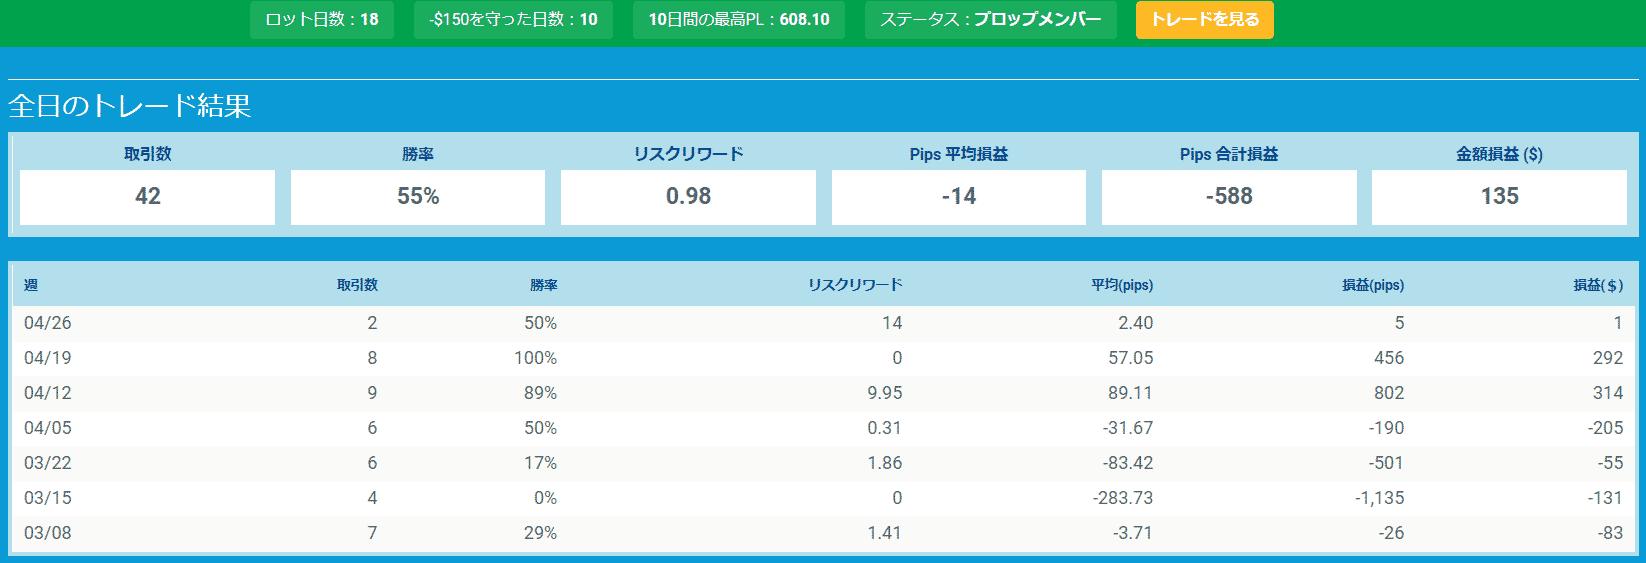 プロップトレーダーチャートTsutomu3